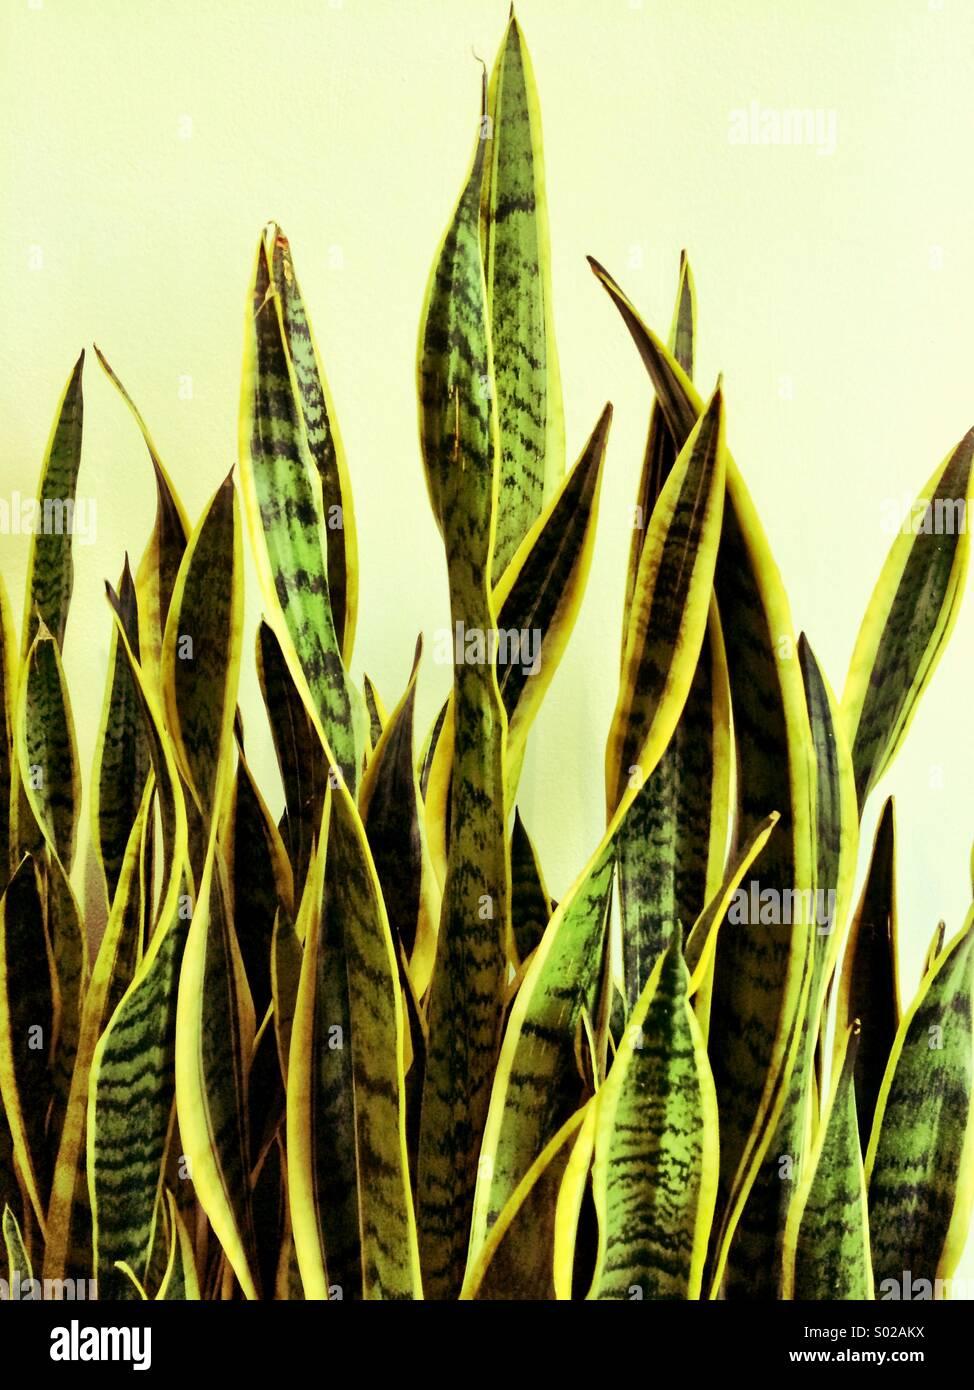 Indoor plant Stock Photo